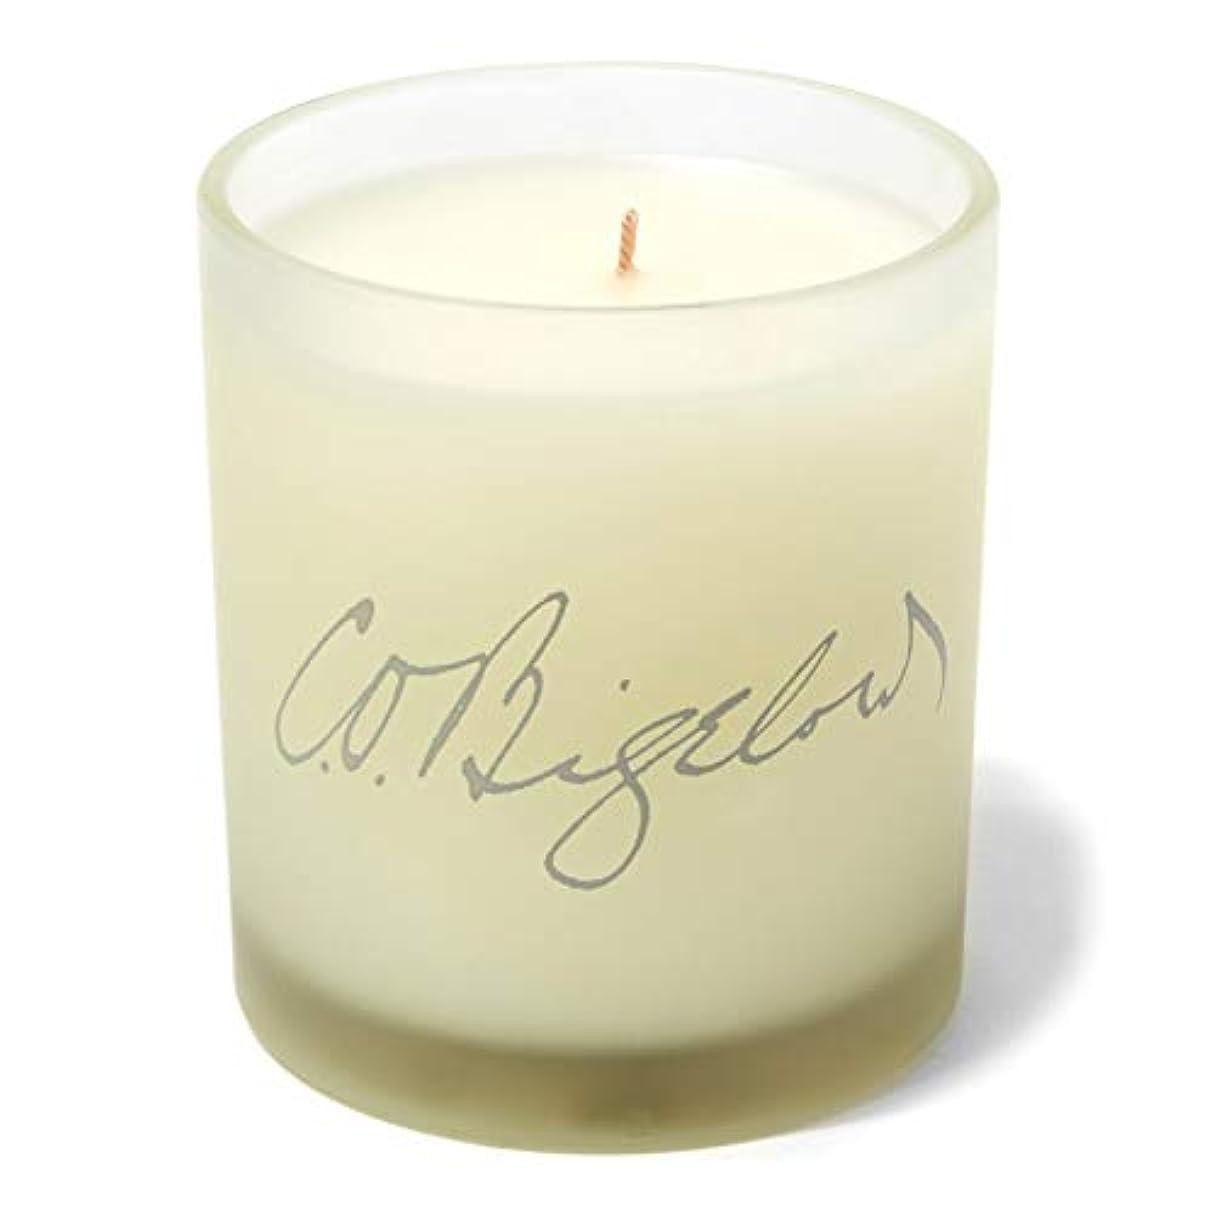 致命的な燃料気絶させる[C.O. Bigelow] C.O.ビゲローユーカリキャンドル241ミリリットル - C.O. Bigelow Eucalyptus Candle 241ml [並行輸入品]